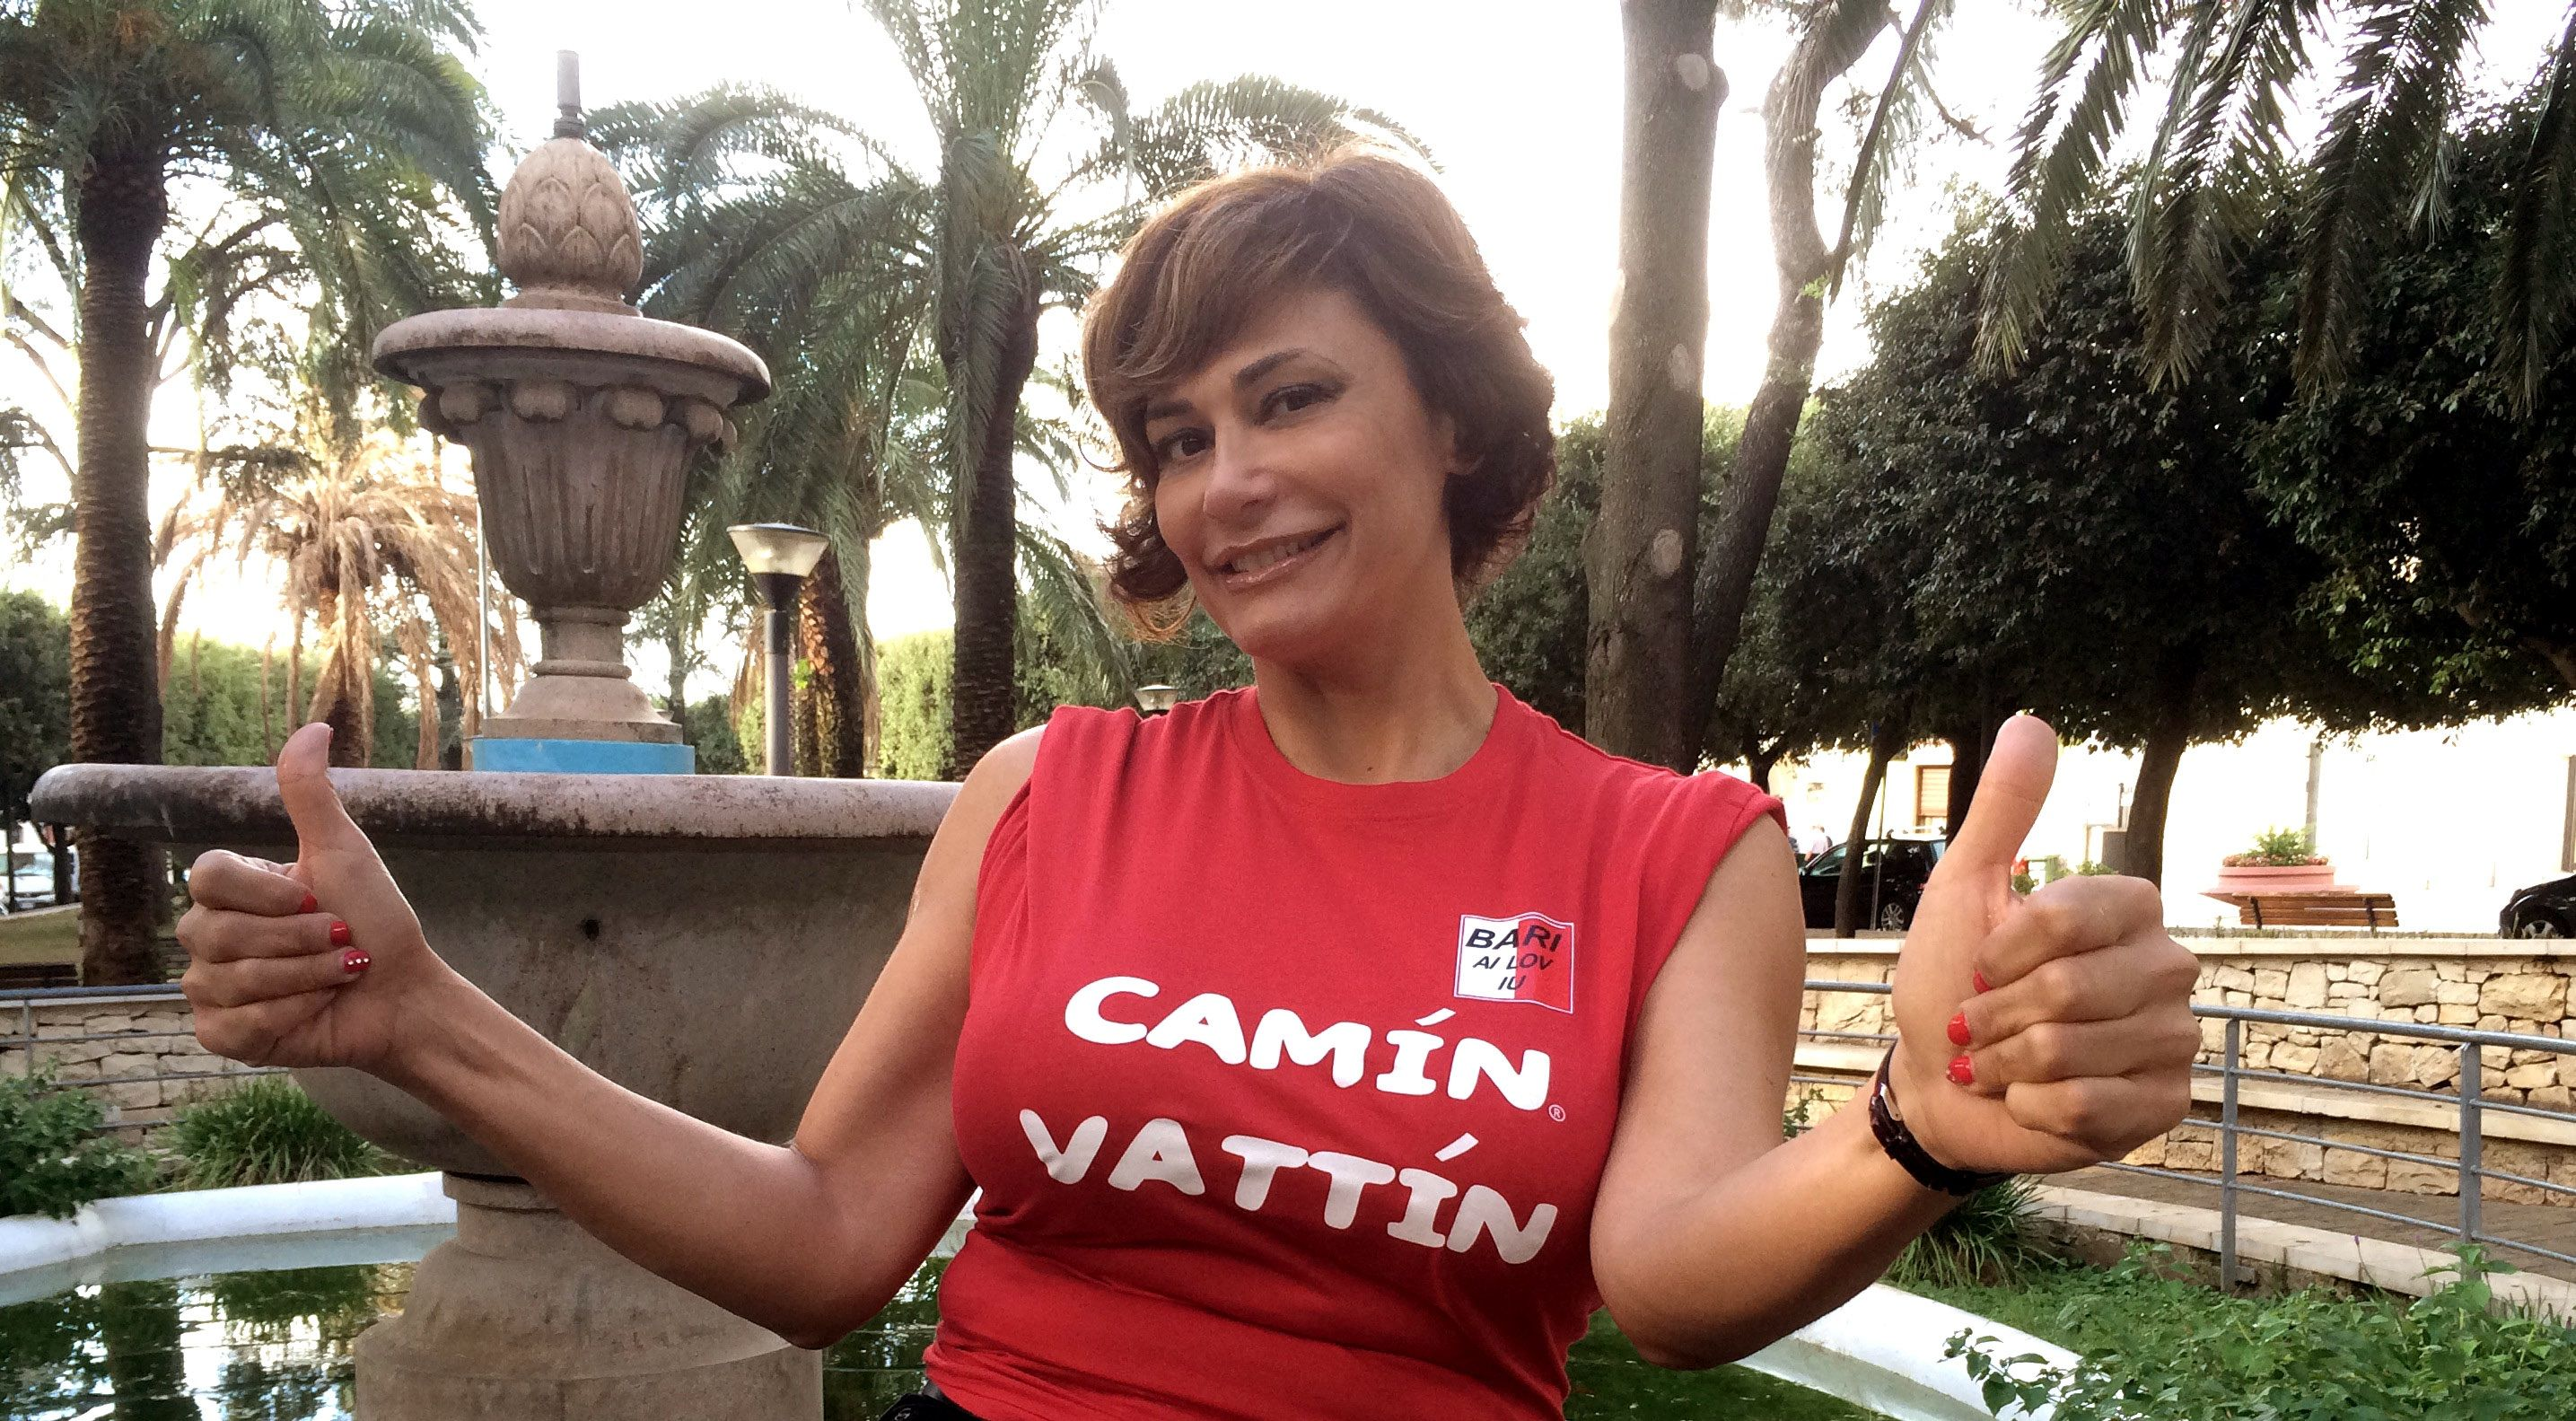 """ANNA RITA DEL PIANO - Le T-shirt """"Camin Vattin"""" sono in vendita presso il negozio BIDONVILLE Via Melo 224 a Bari - tel. 080-9905699 (consegna in tutta Italia e all'Estero con spedizione postale)"""